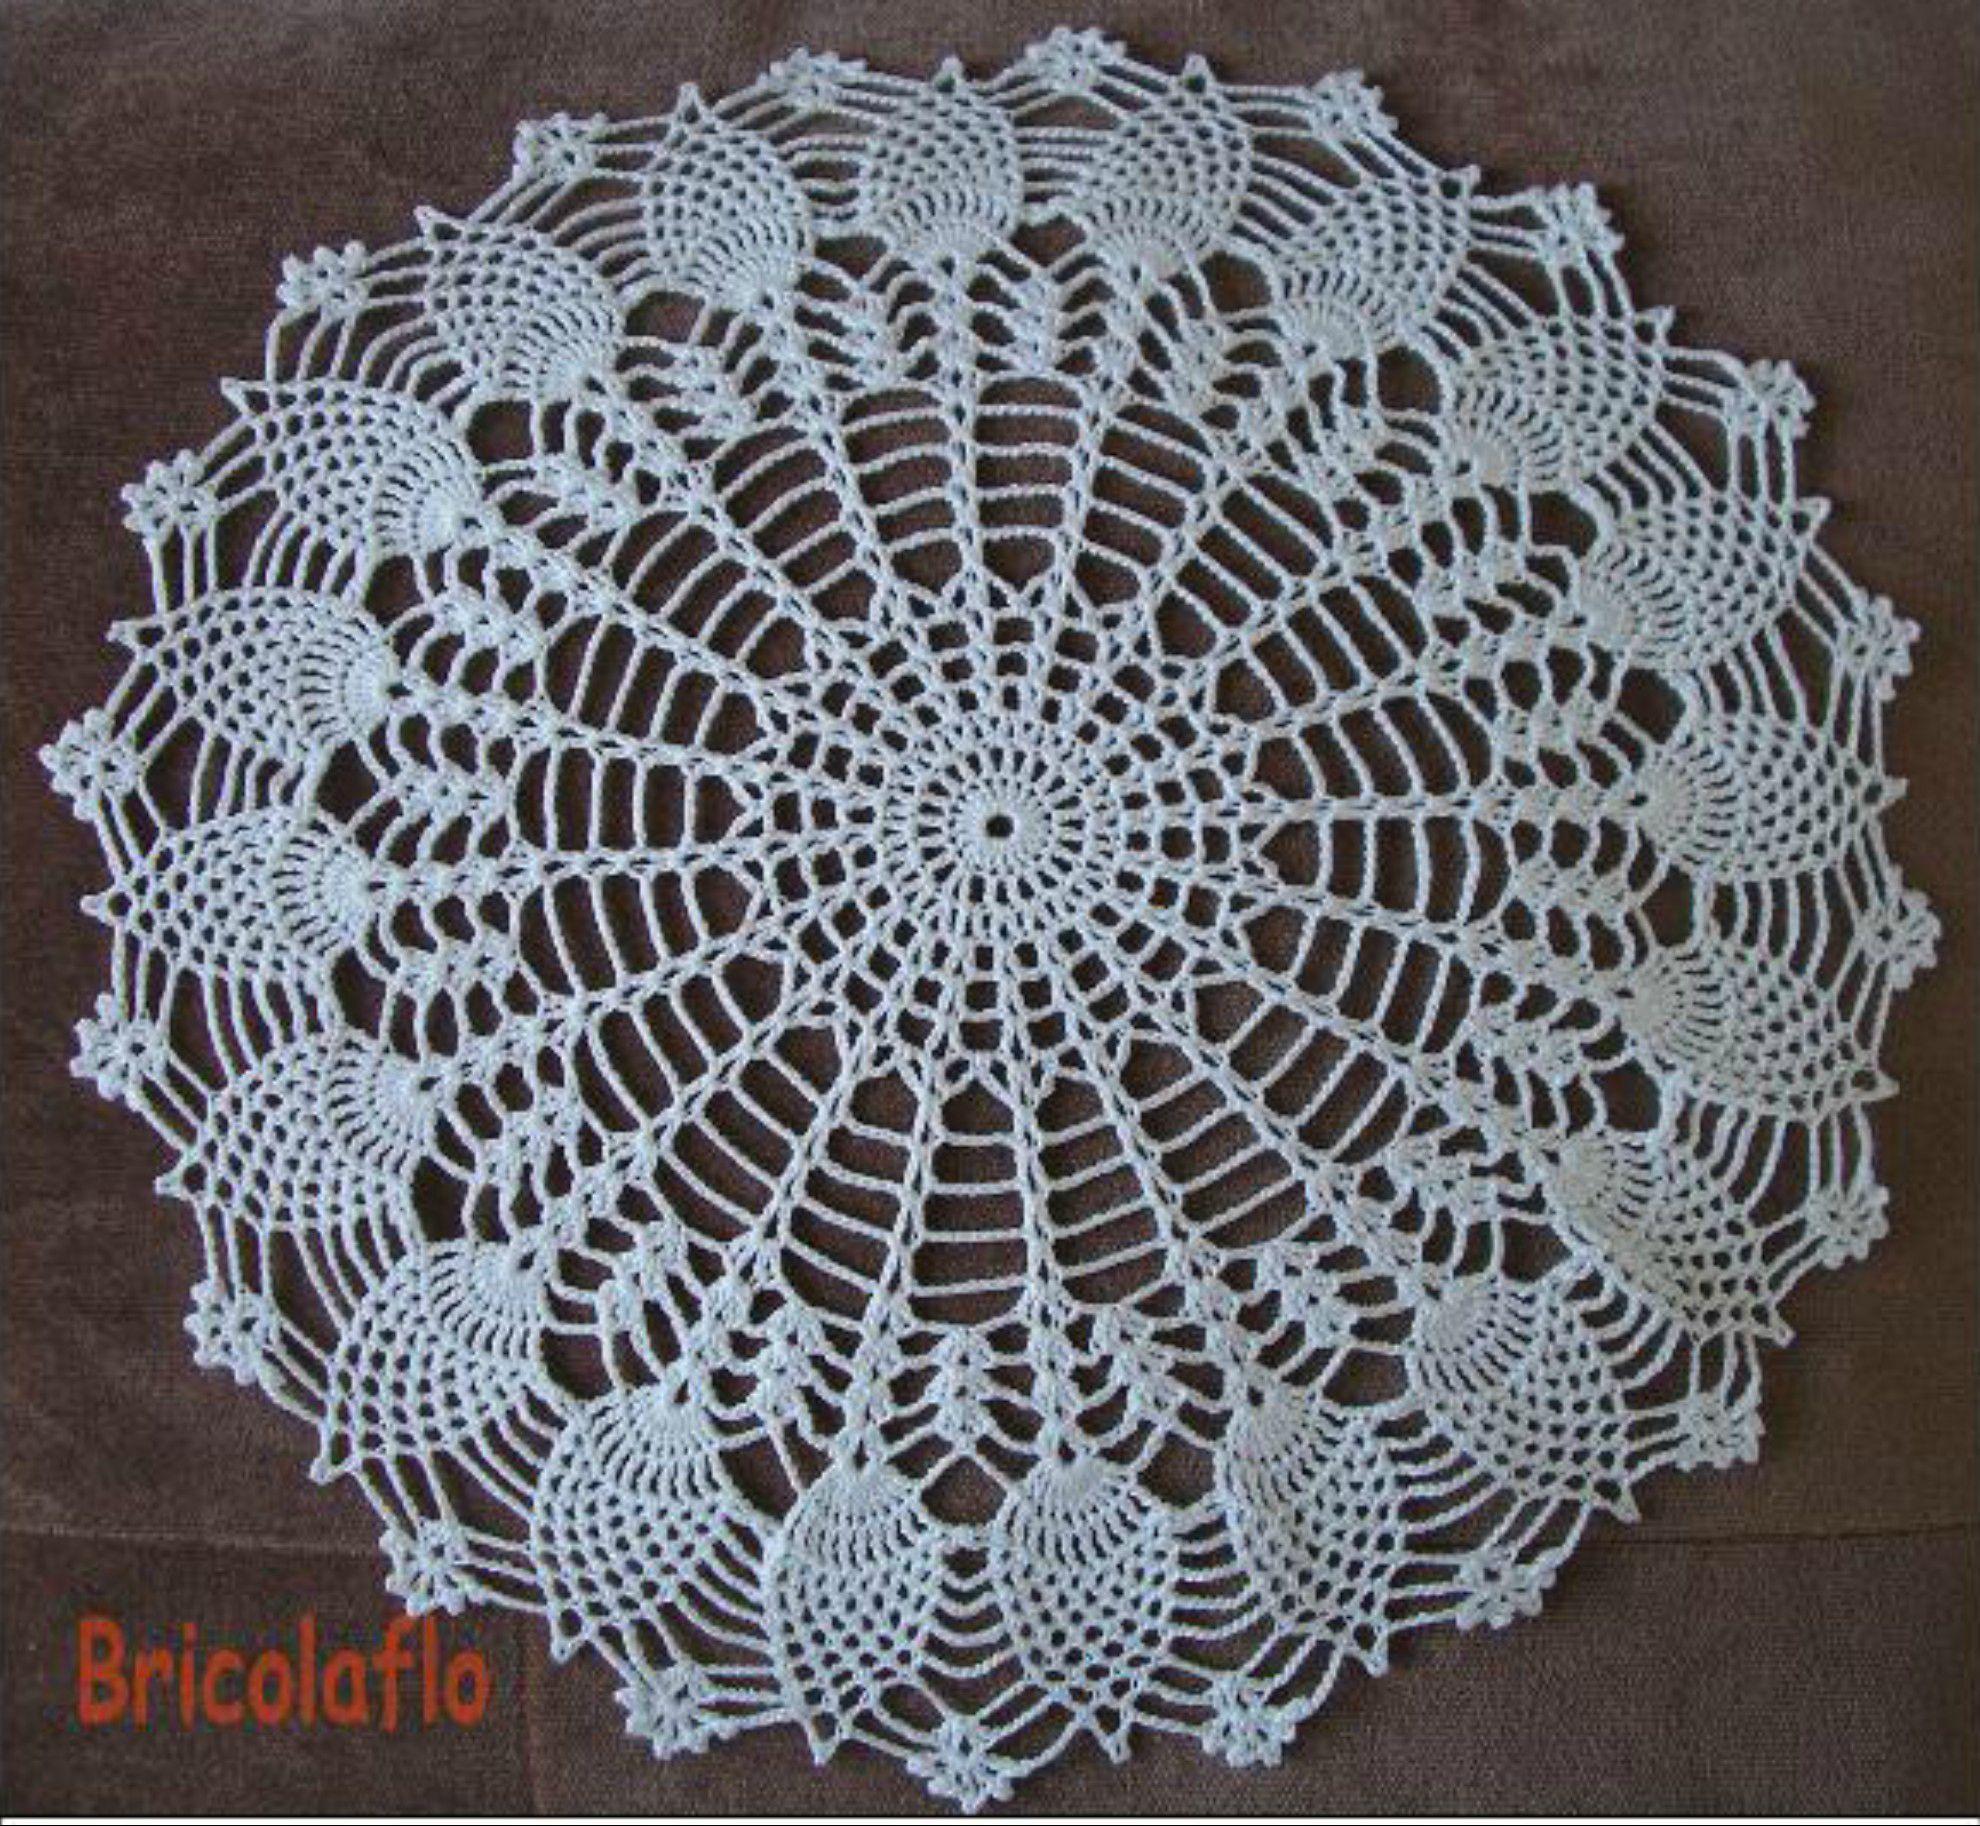 Grand Napperon Au Crochet dedans napperons et pot de confiture - bricolaflo